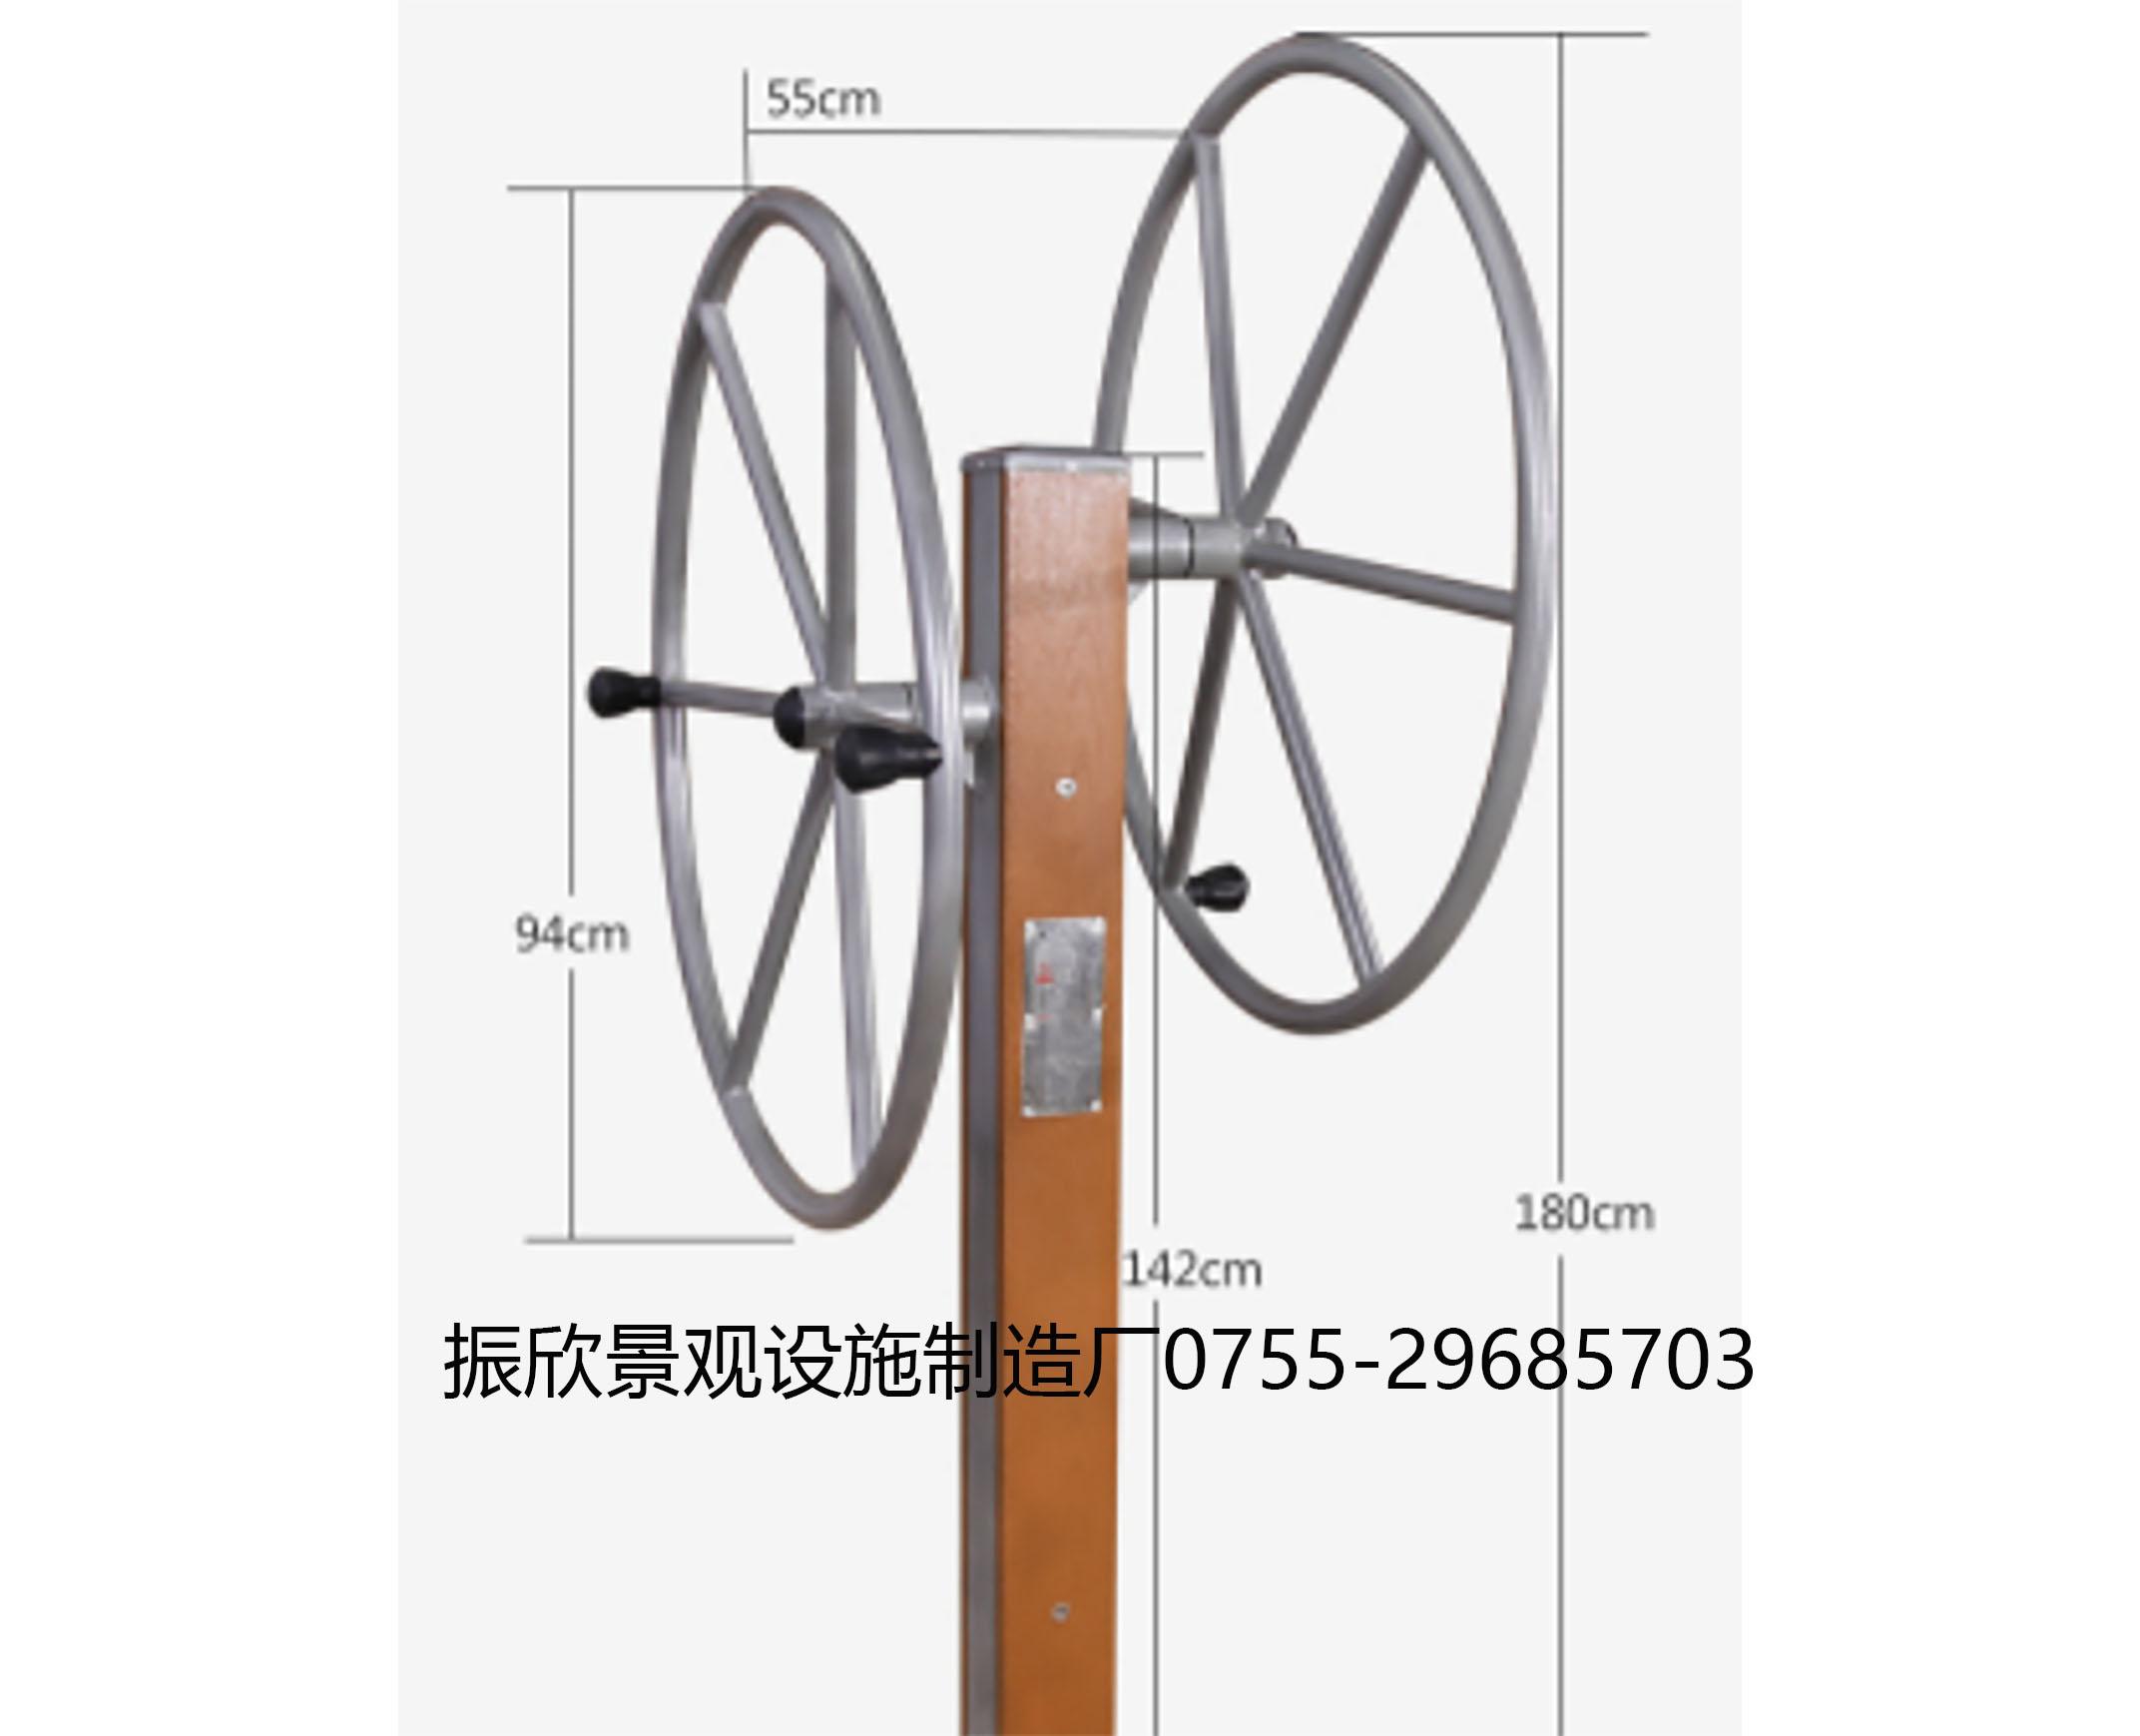 雙人大轉輪(lun)健(jian)身器